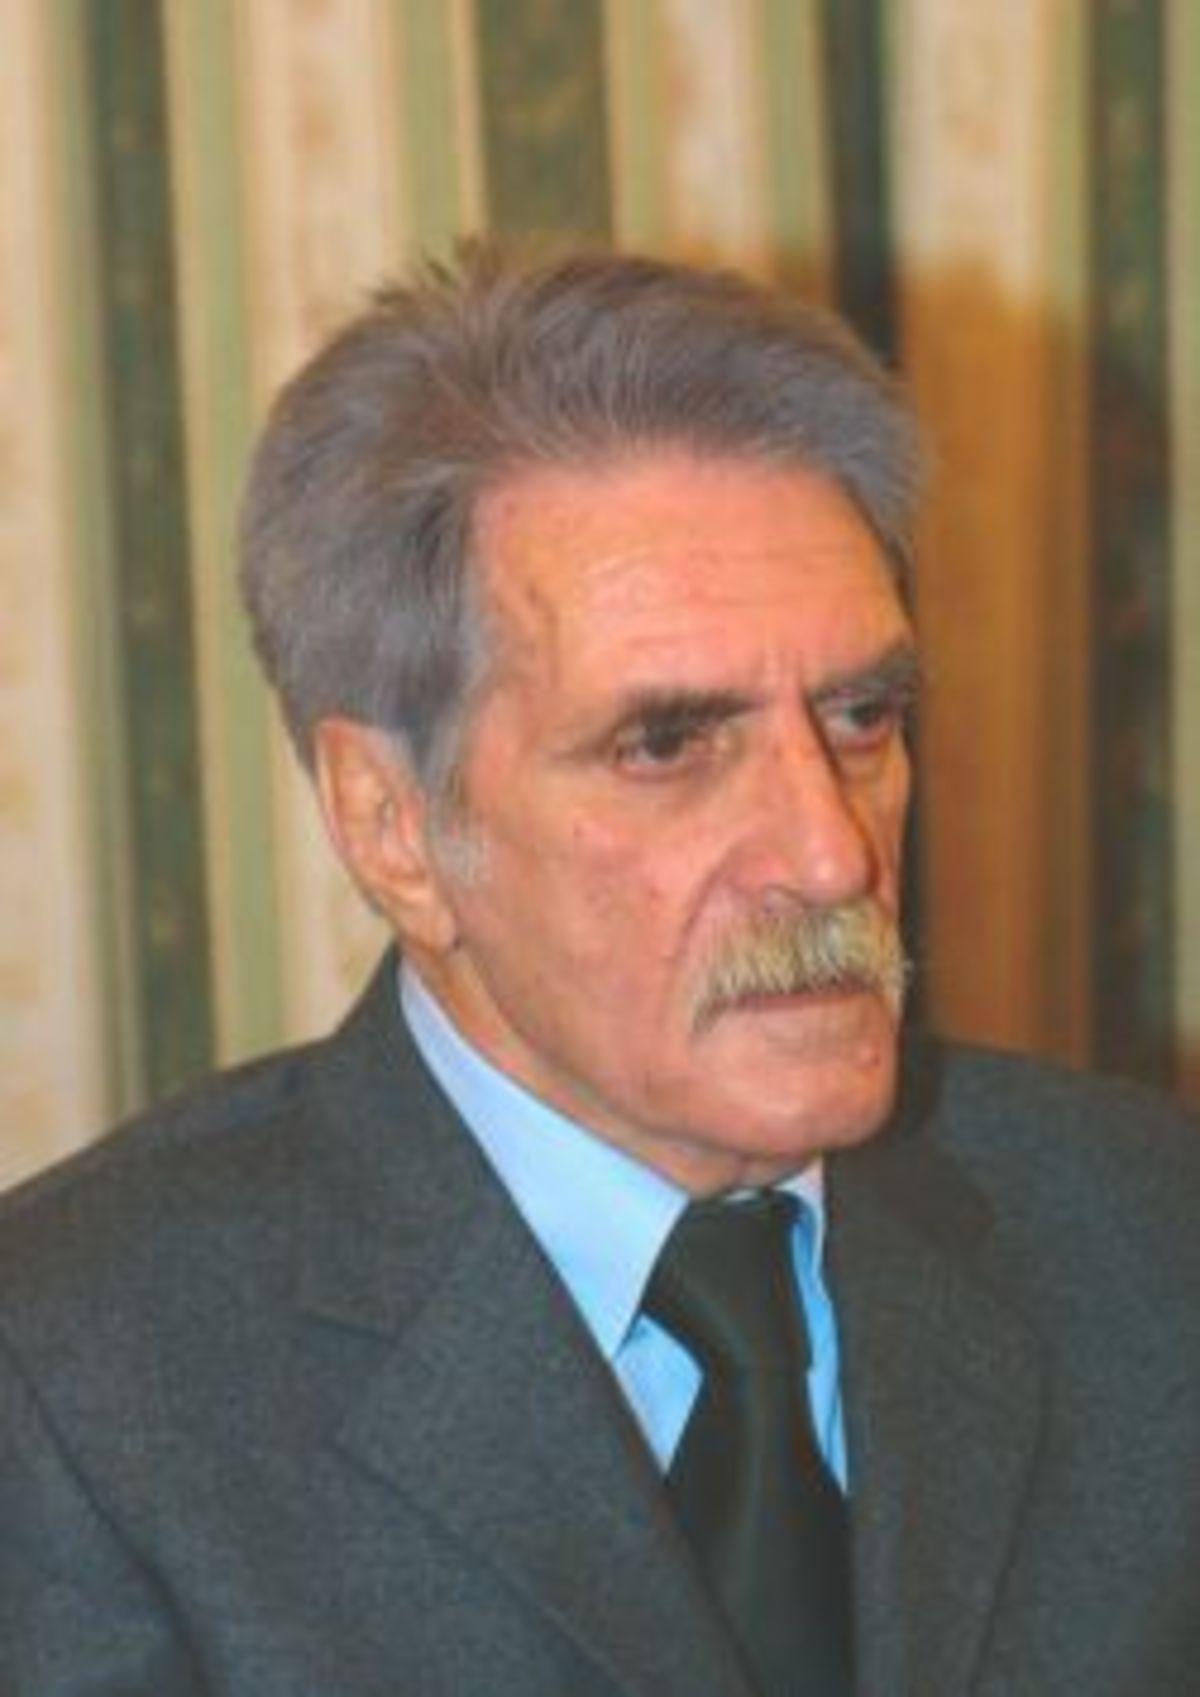 Ηράκλειο: Θρήνος για το θάνατο του Γιάννη Σακελλαράκη | Newsit.gr